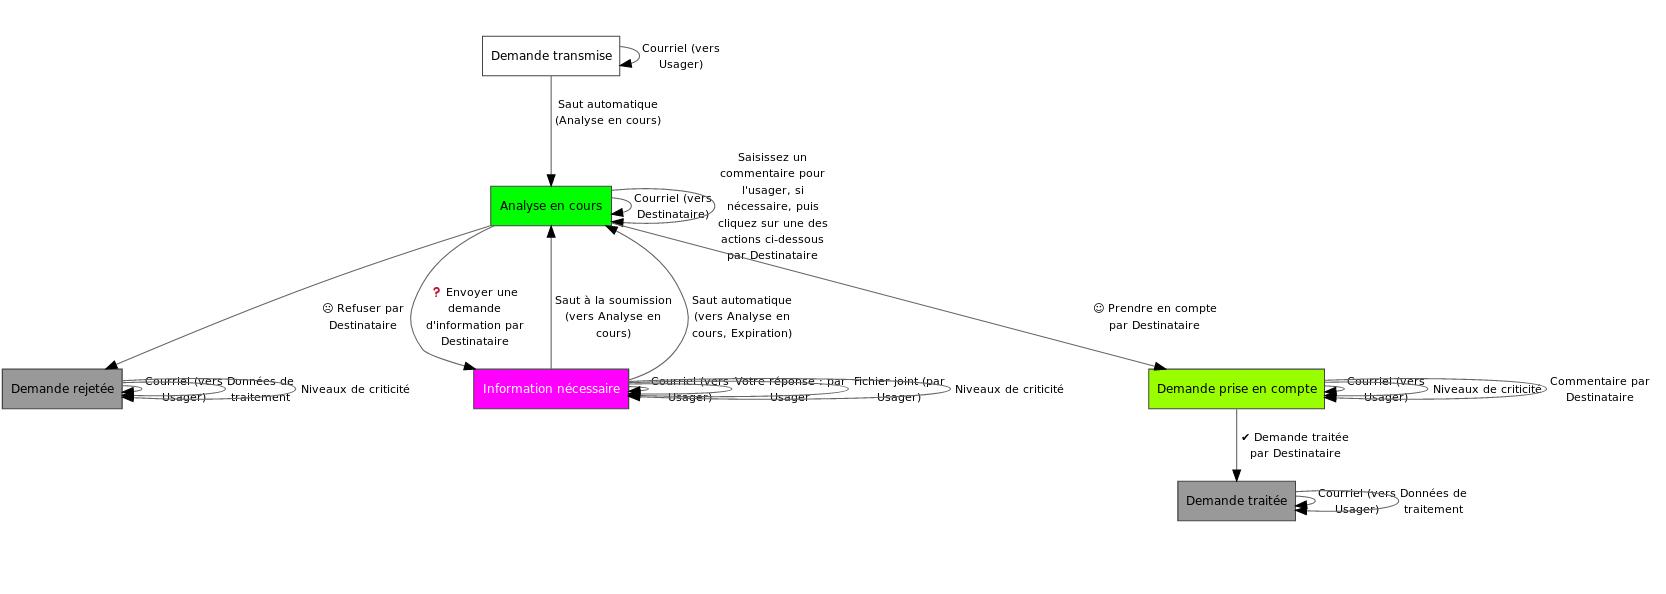 schéma du workflow générique